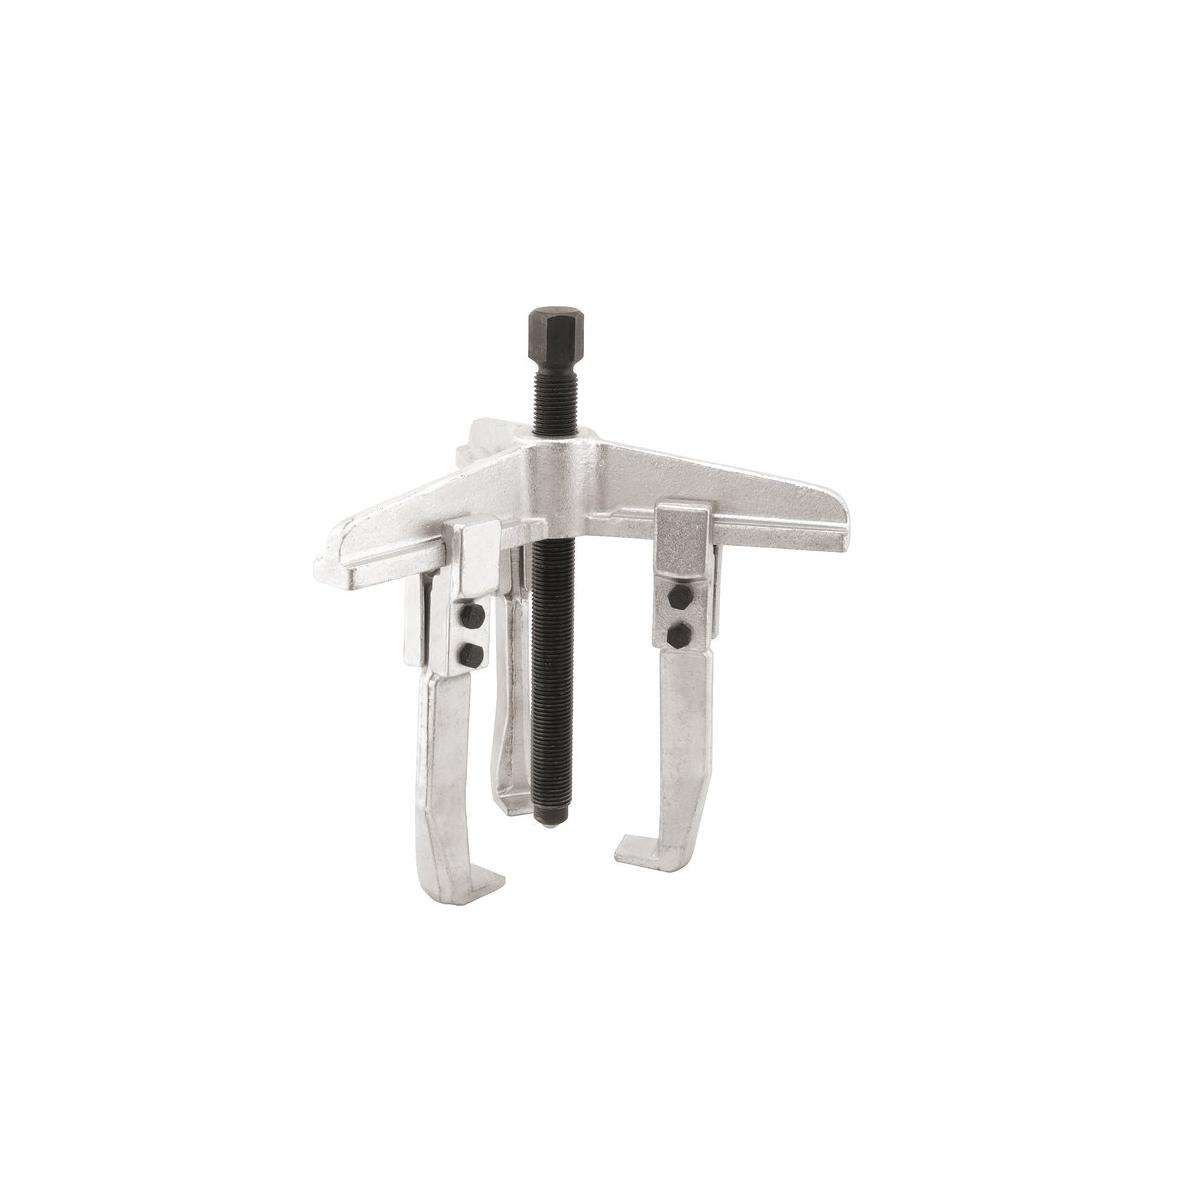 Saca-polia com 3 garras deslizantes 150mm x 200mm VONDER